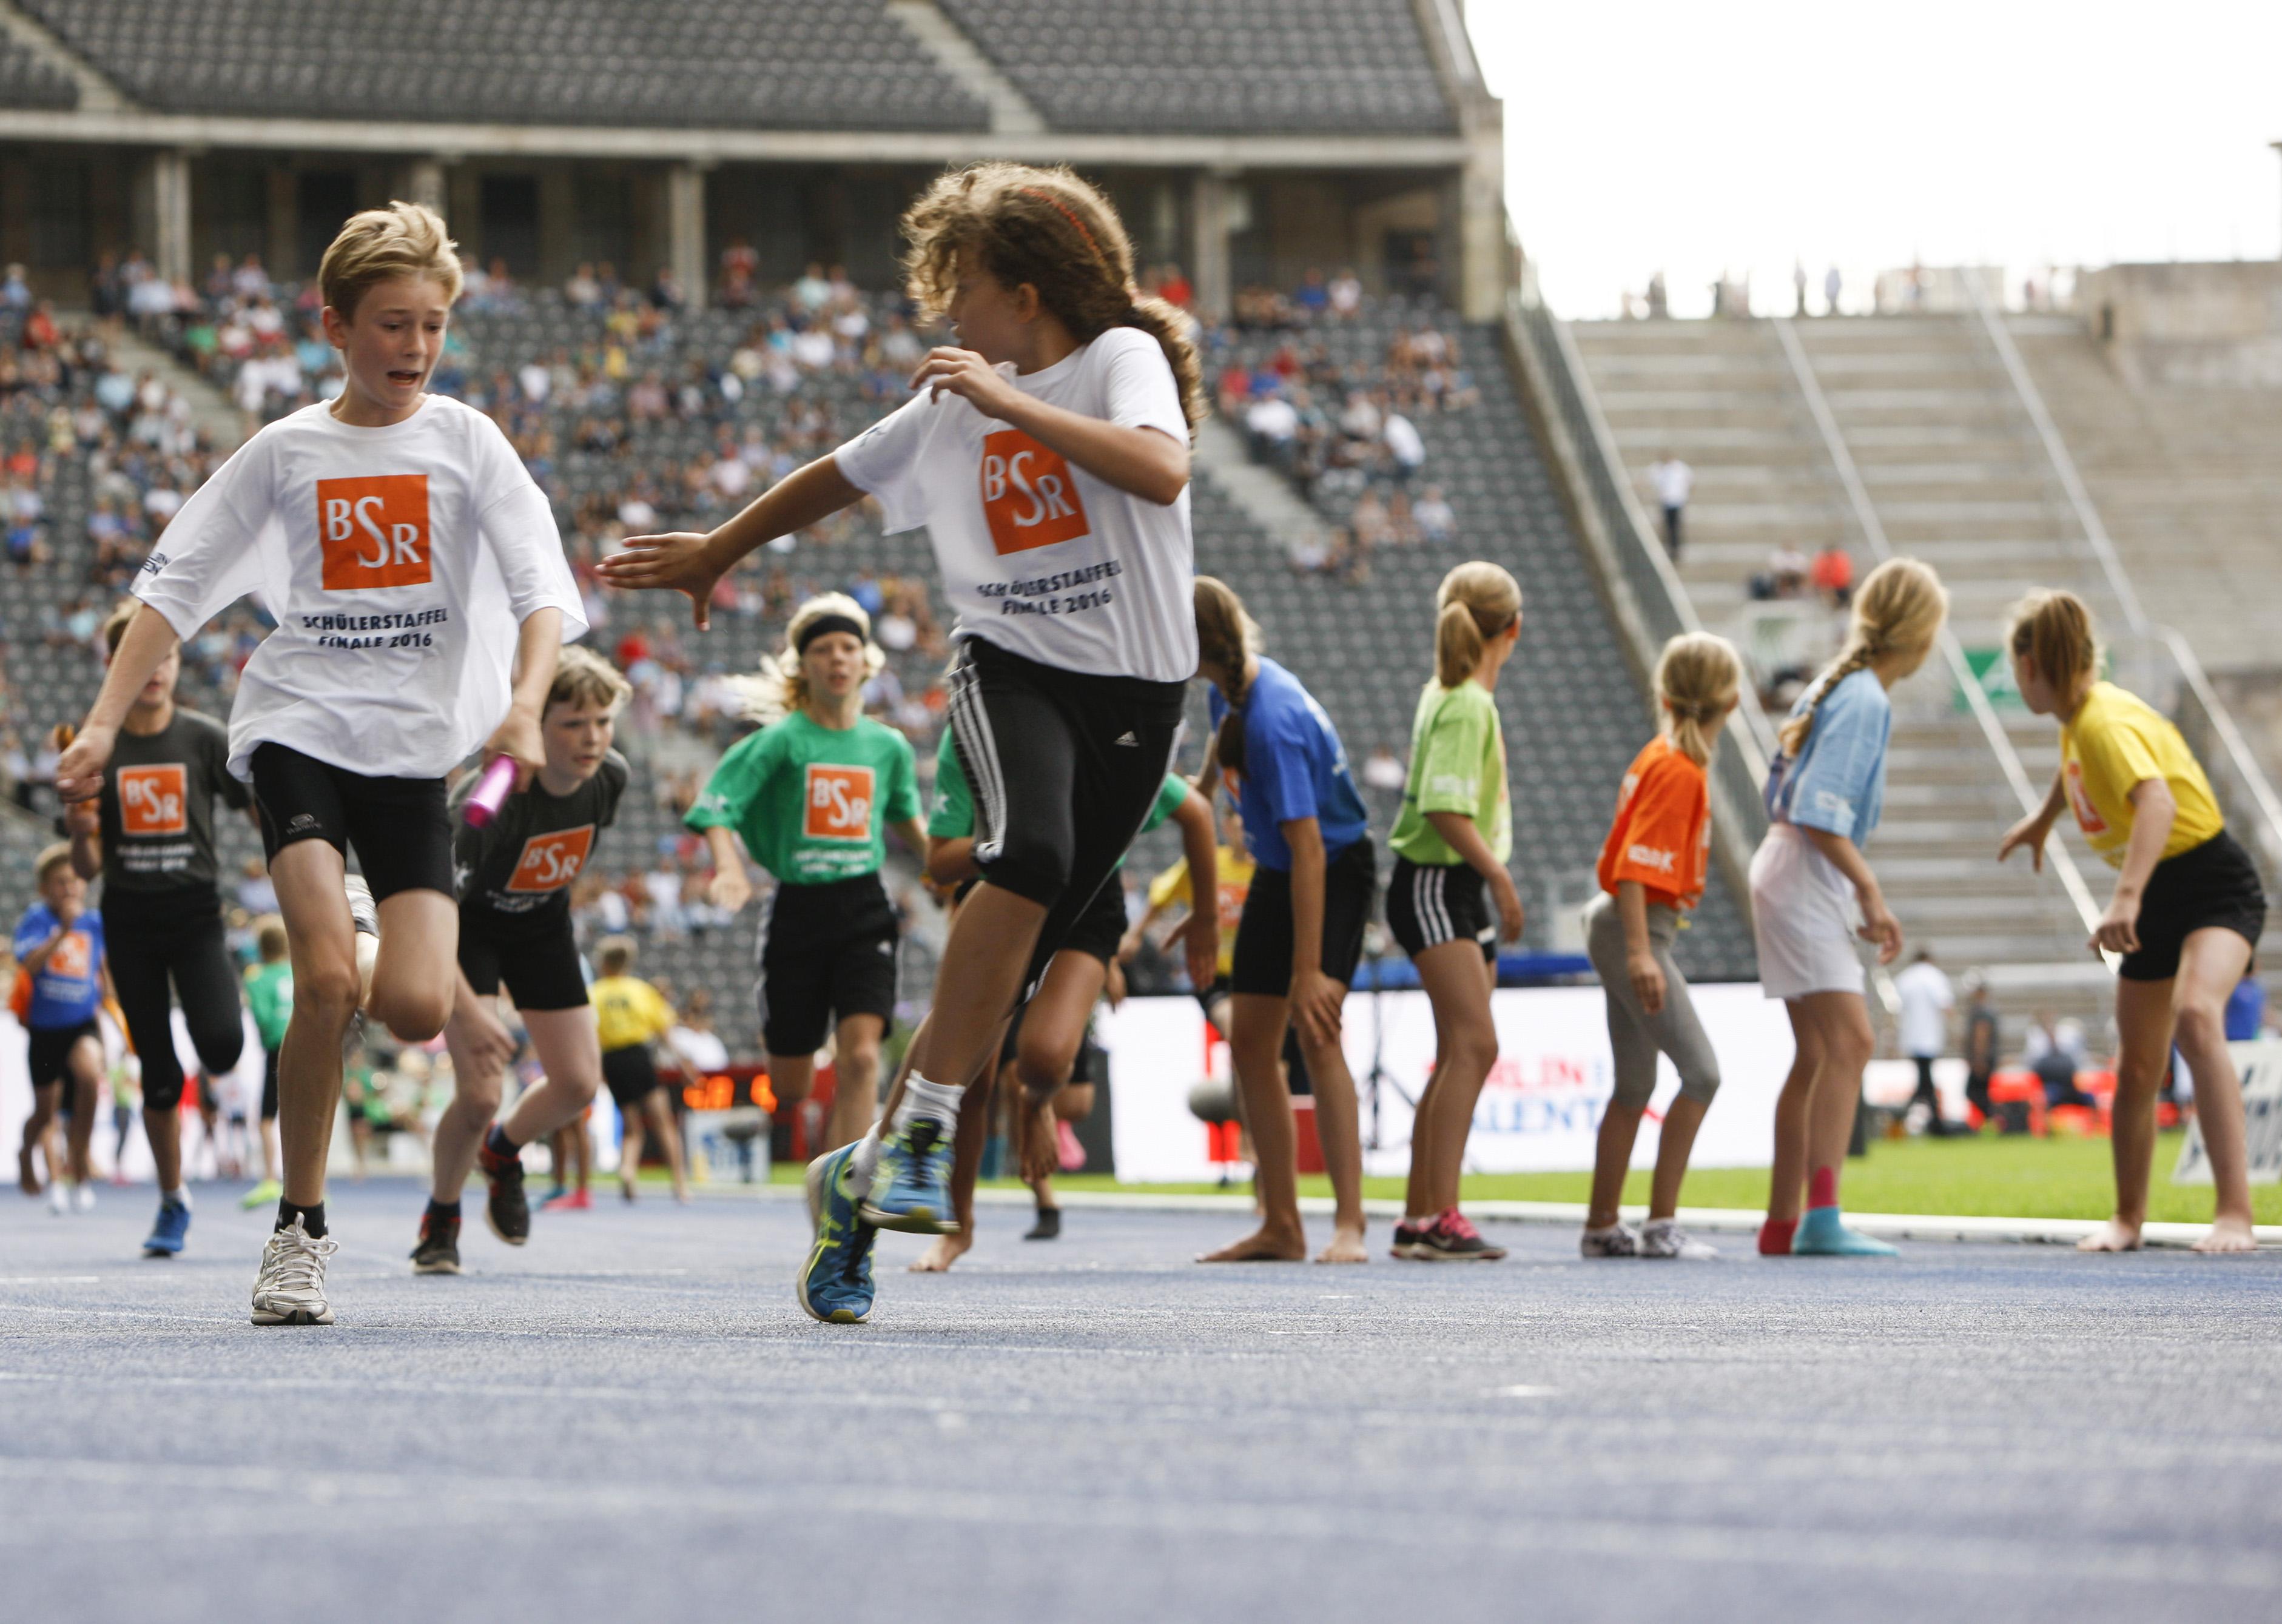 pure sports, ein Versprechen an die nächste Generation.